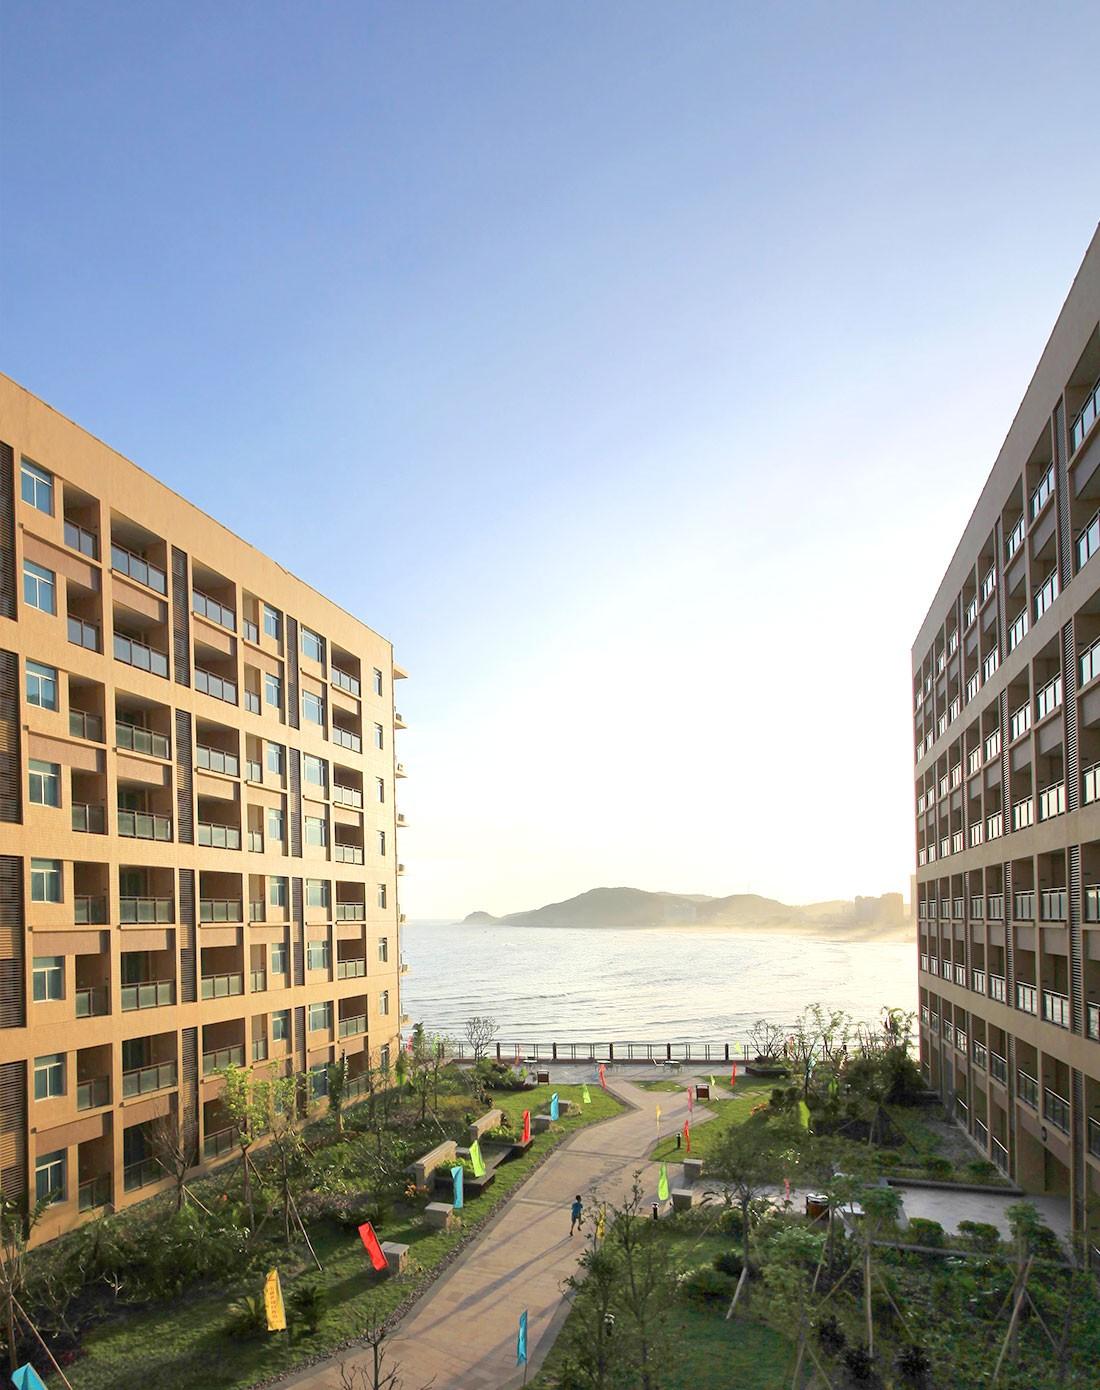 4月25日阳江海陵岛山海湾假日酒店2天24也沙滩自由行套餐